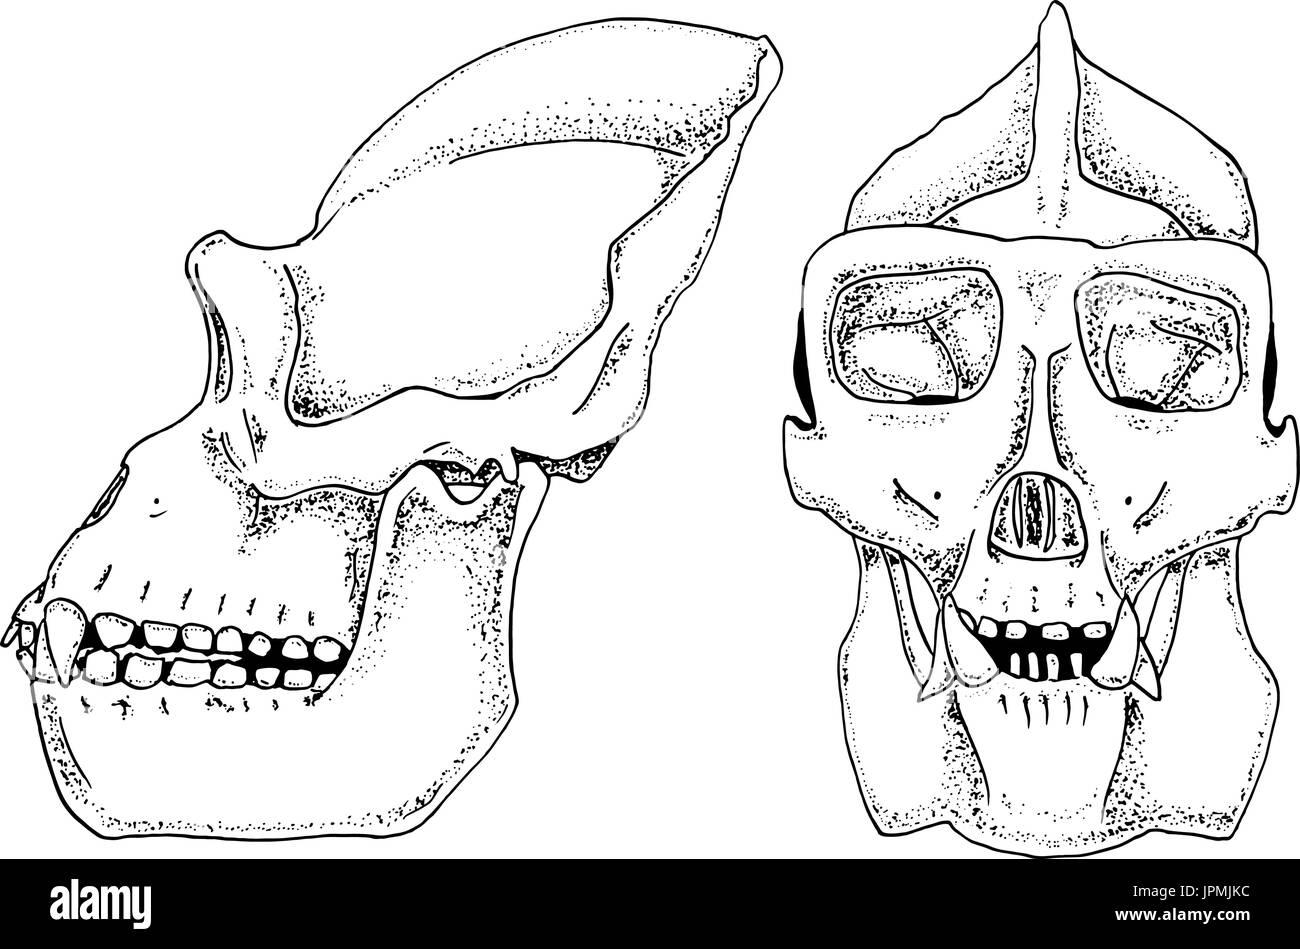 La biología, la anatomía del gorila ilustración. grabado dibujado a ...